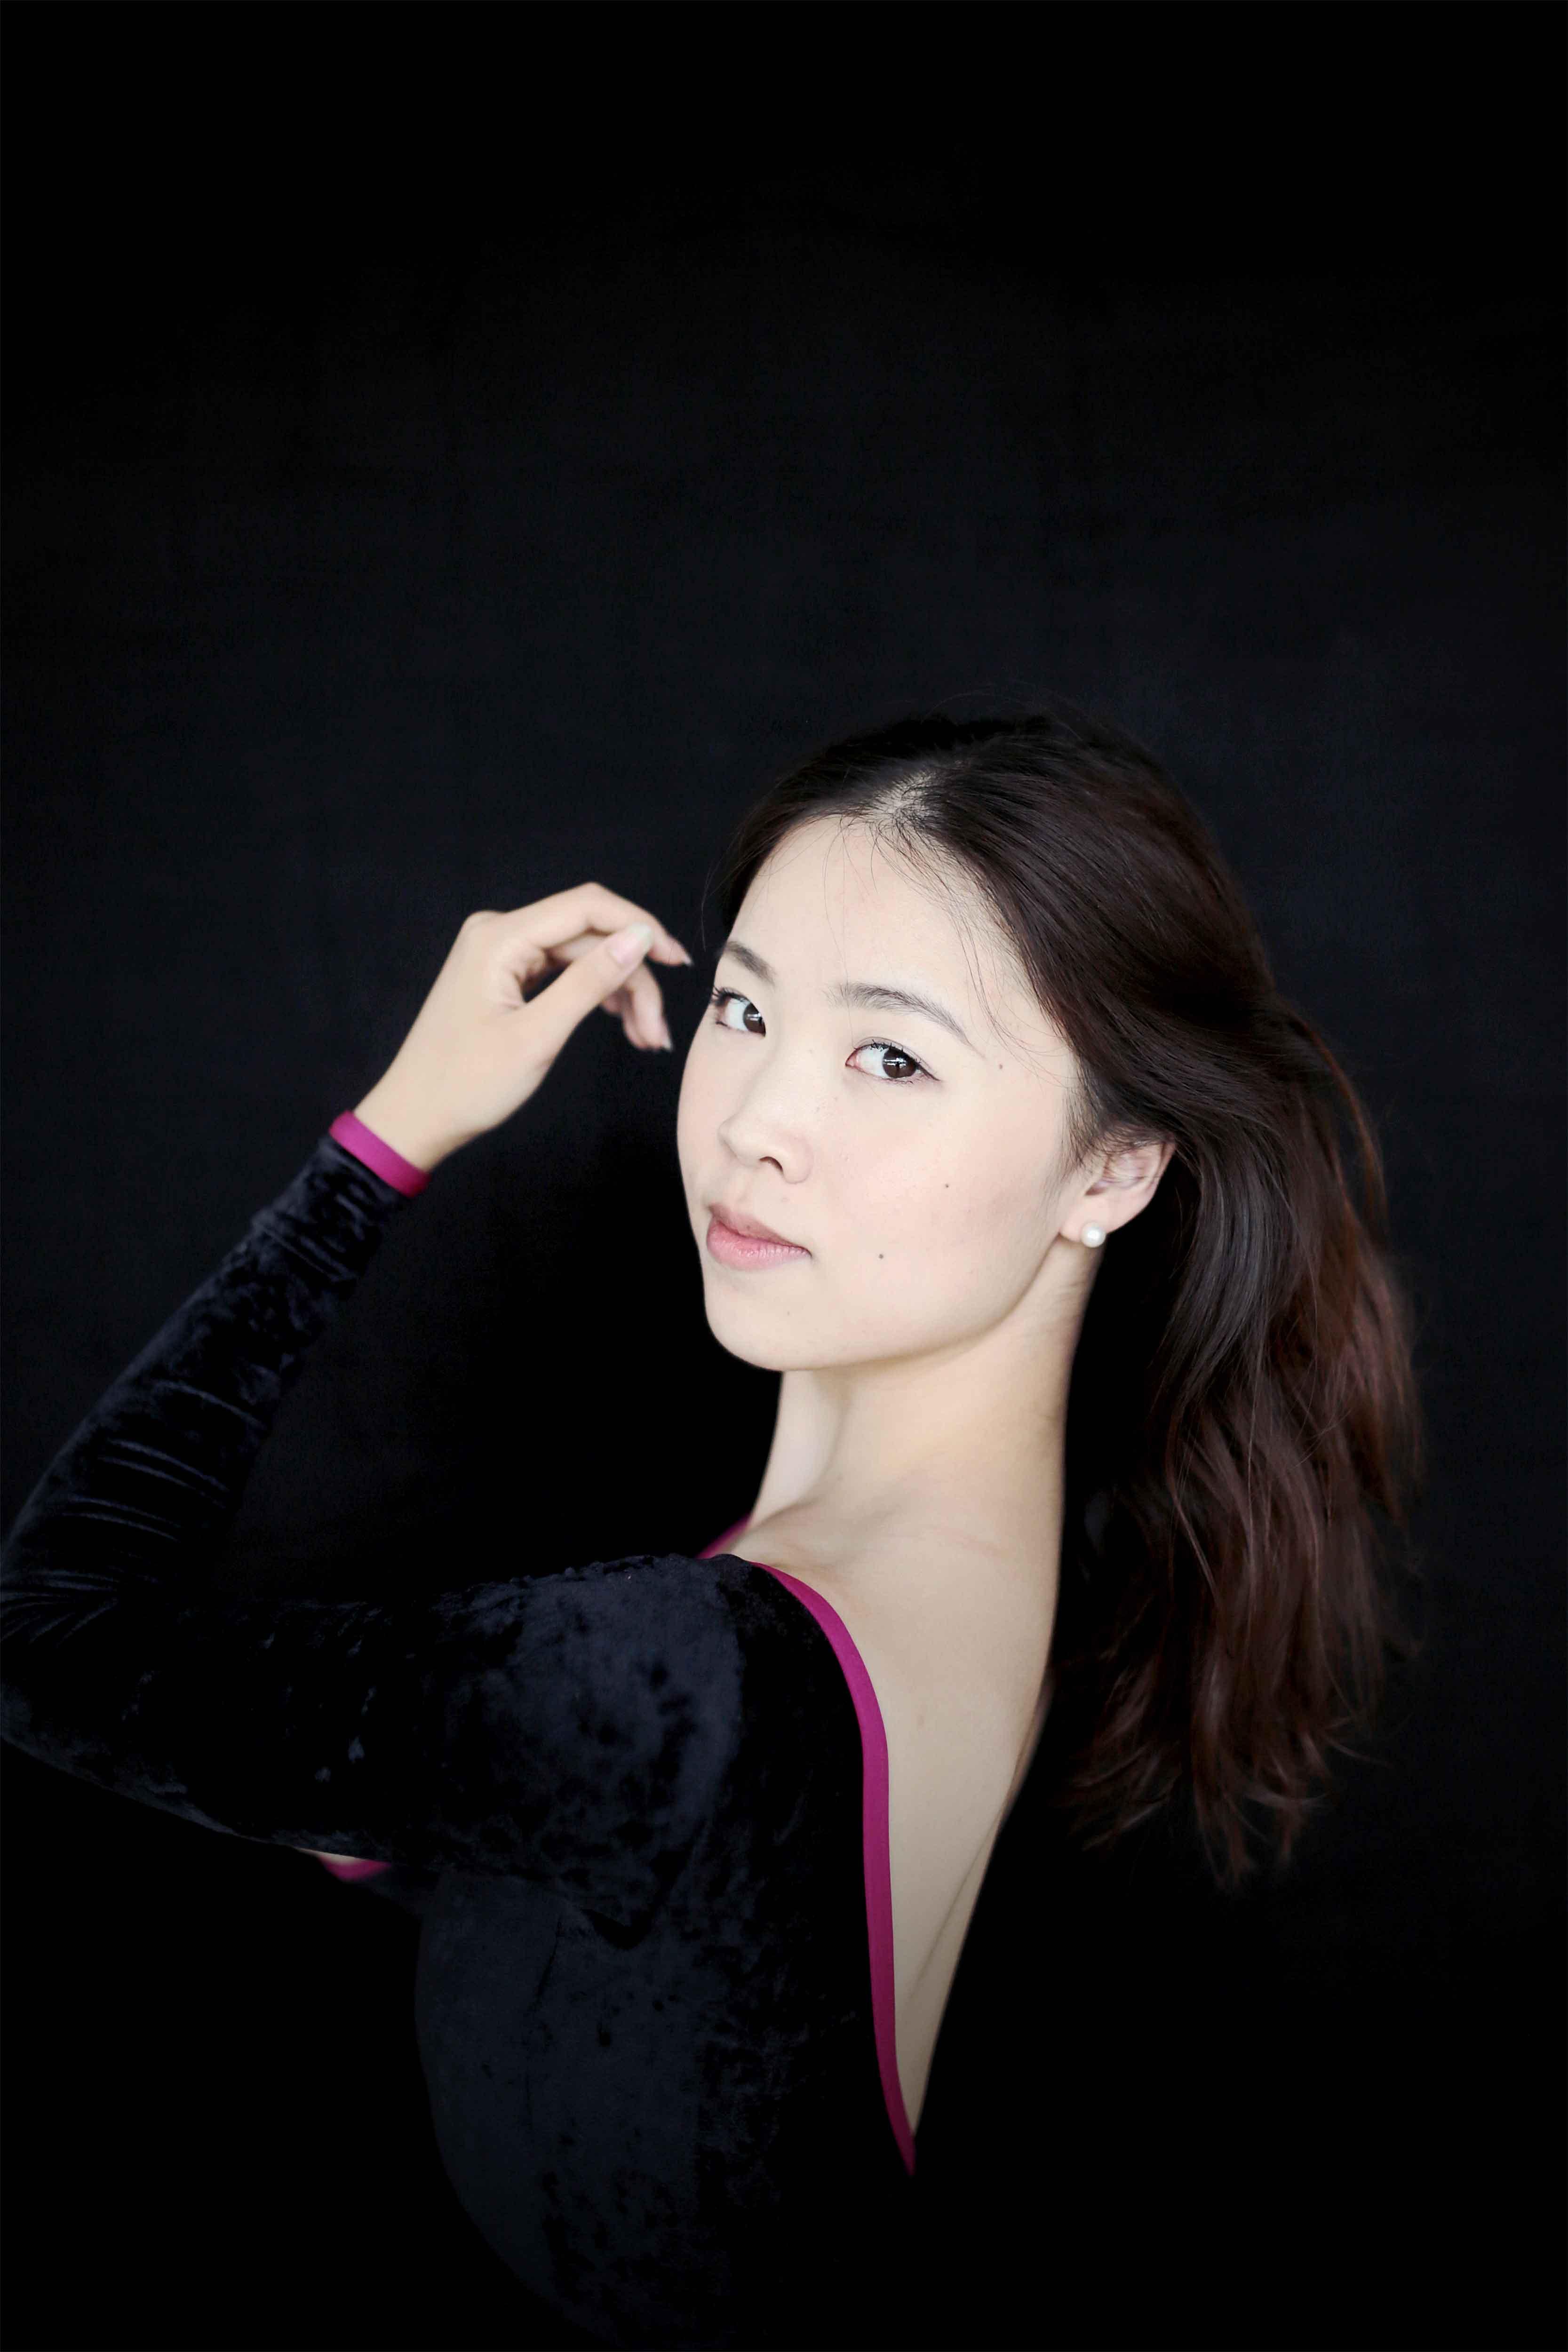 Shiori Midorikawa